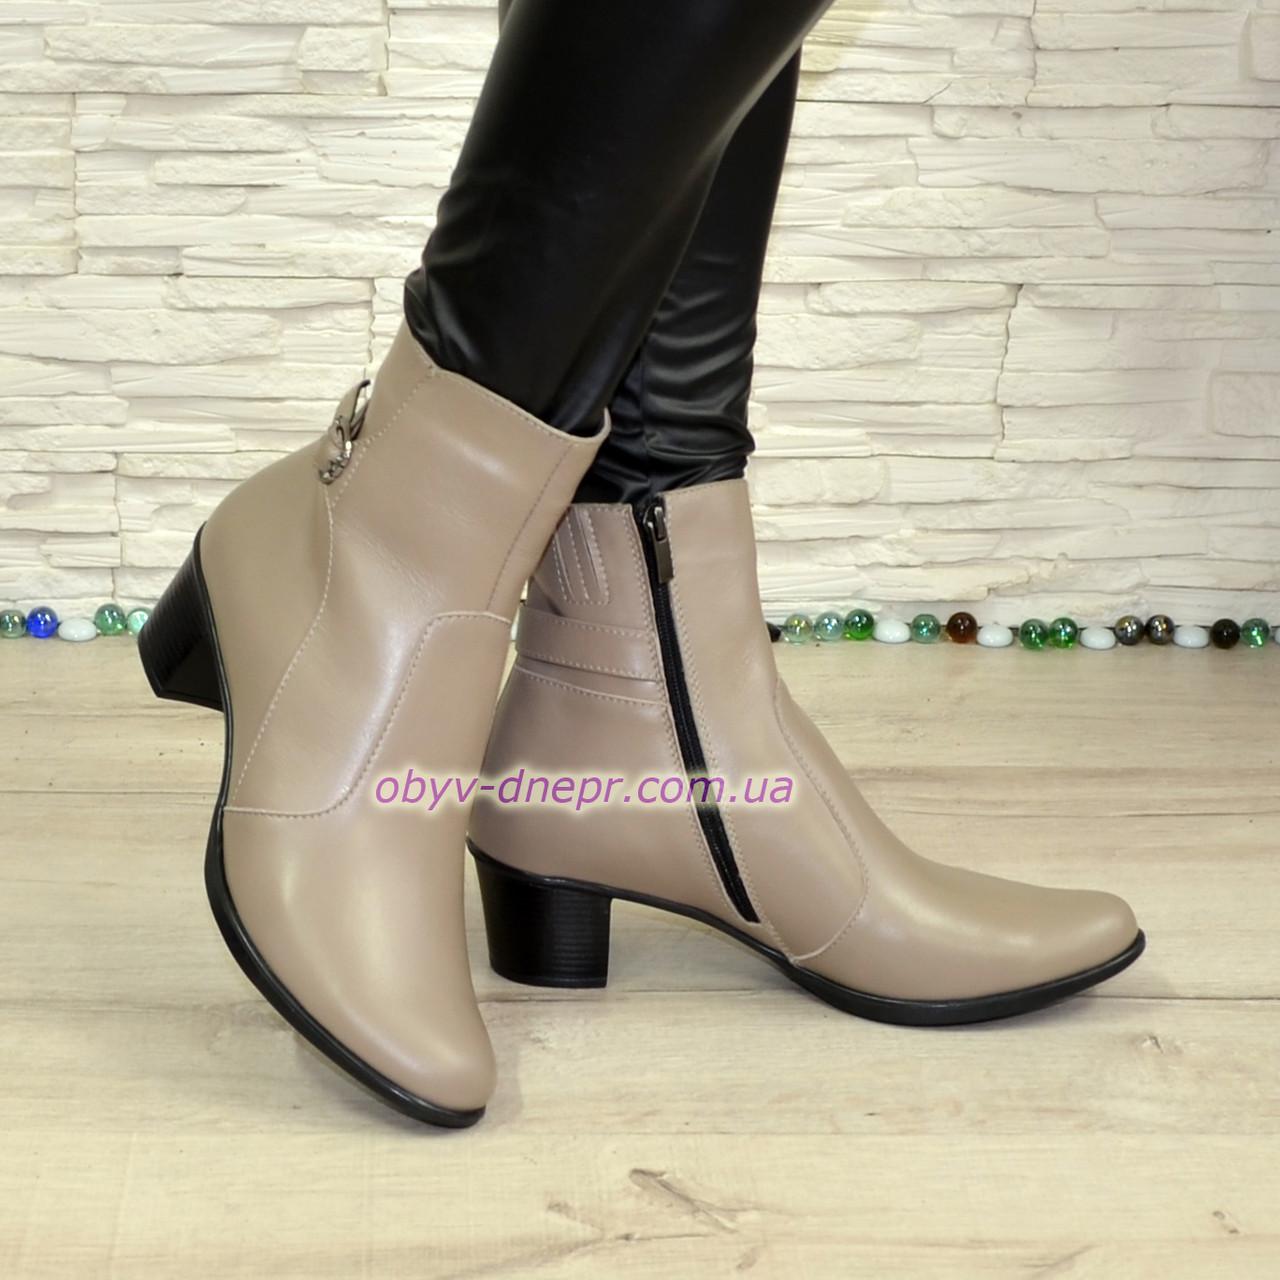 Женские кожаные демисезонные ботинки, декорированы ремешком, цвет визон